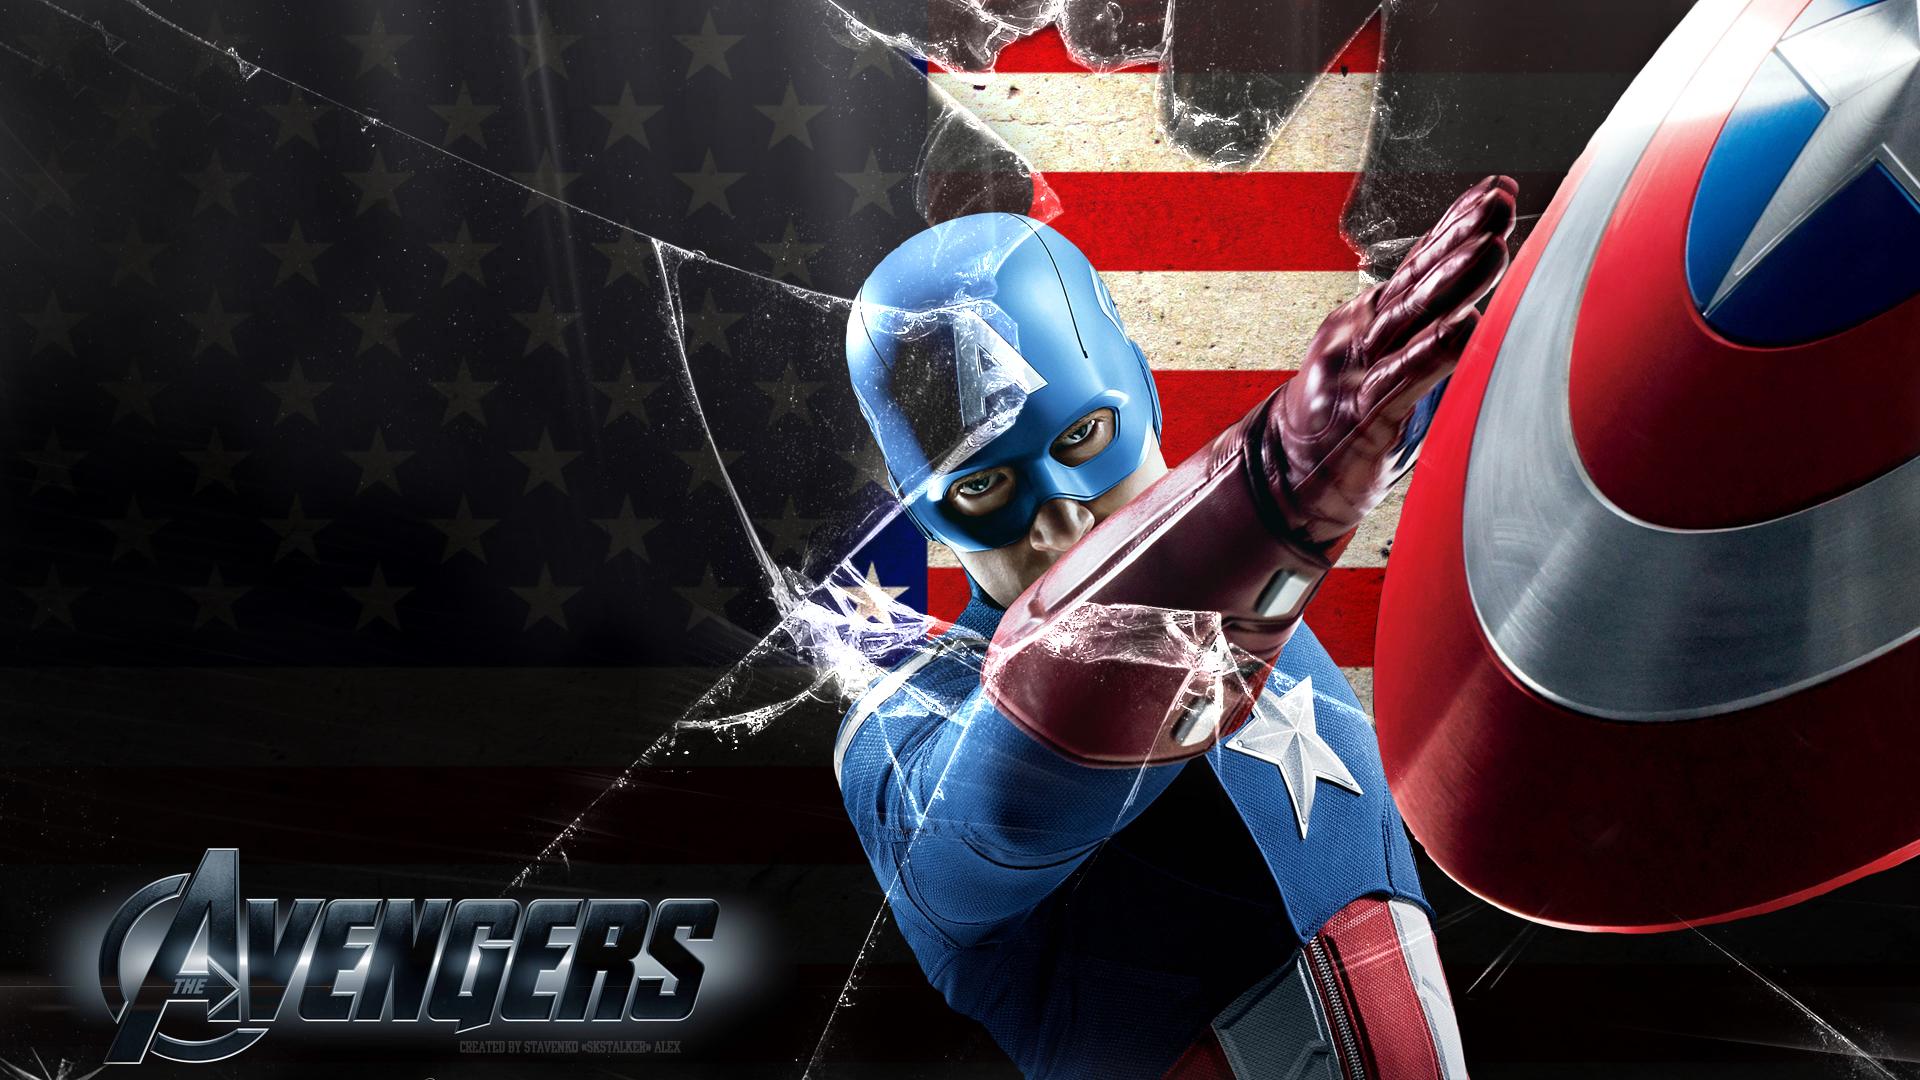 avengers captain america wallpaper 1080p by skstalker on